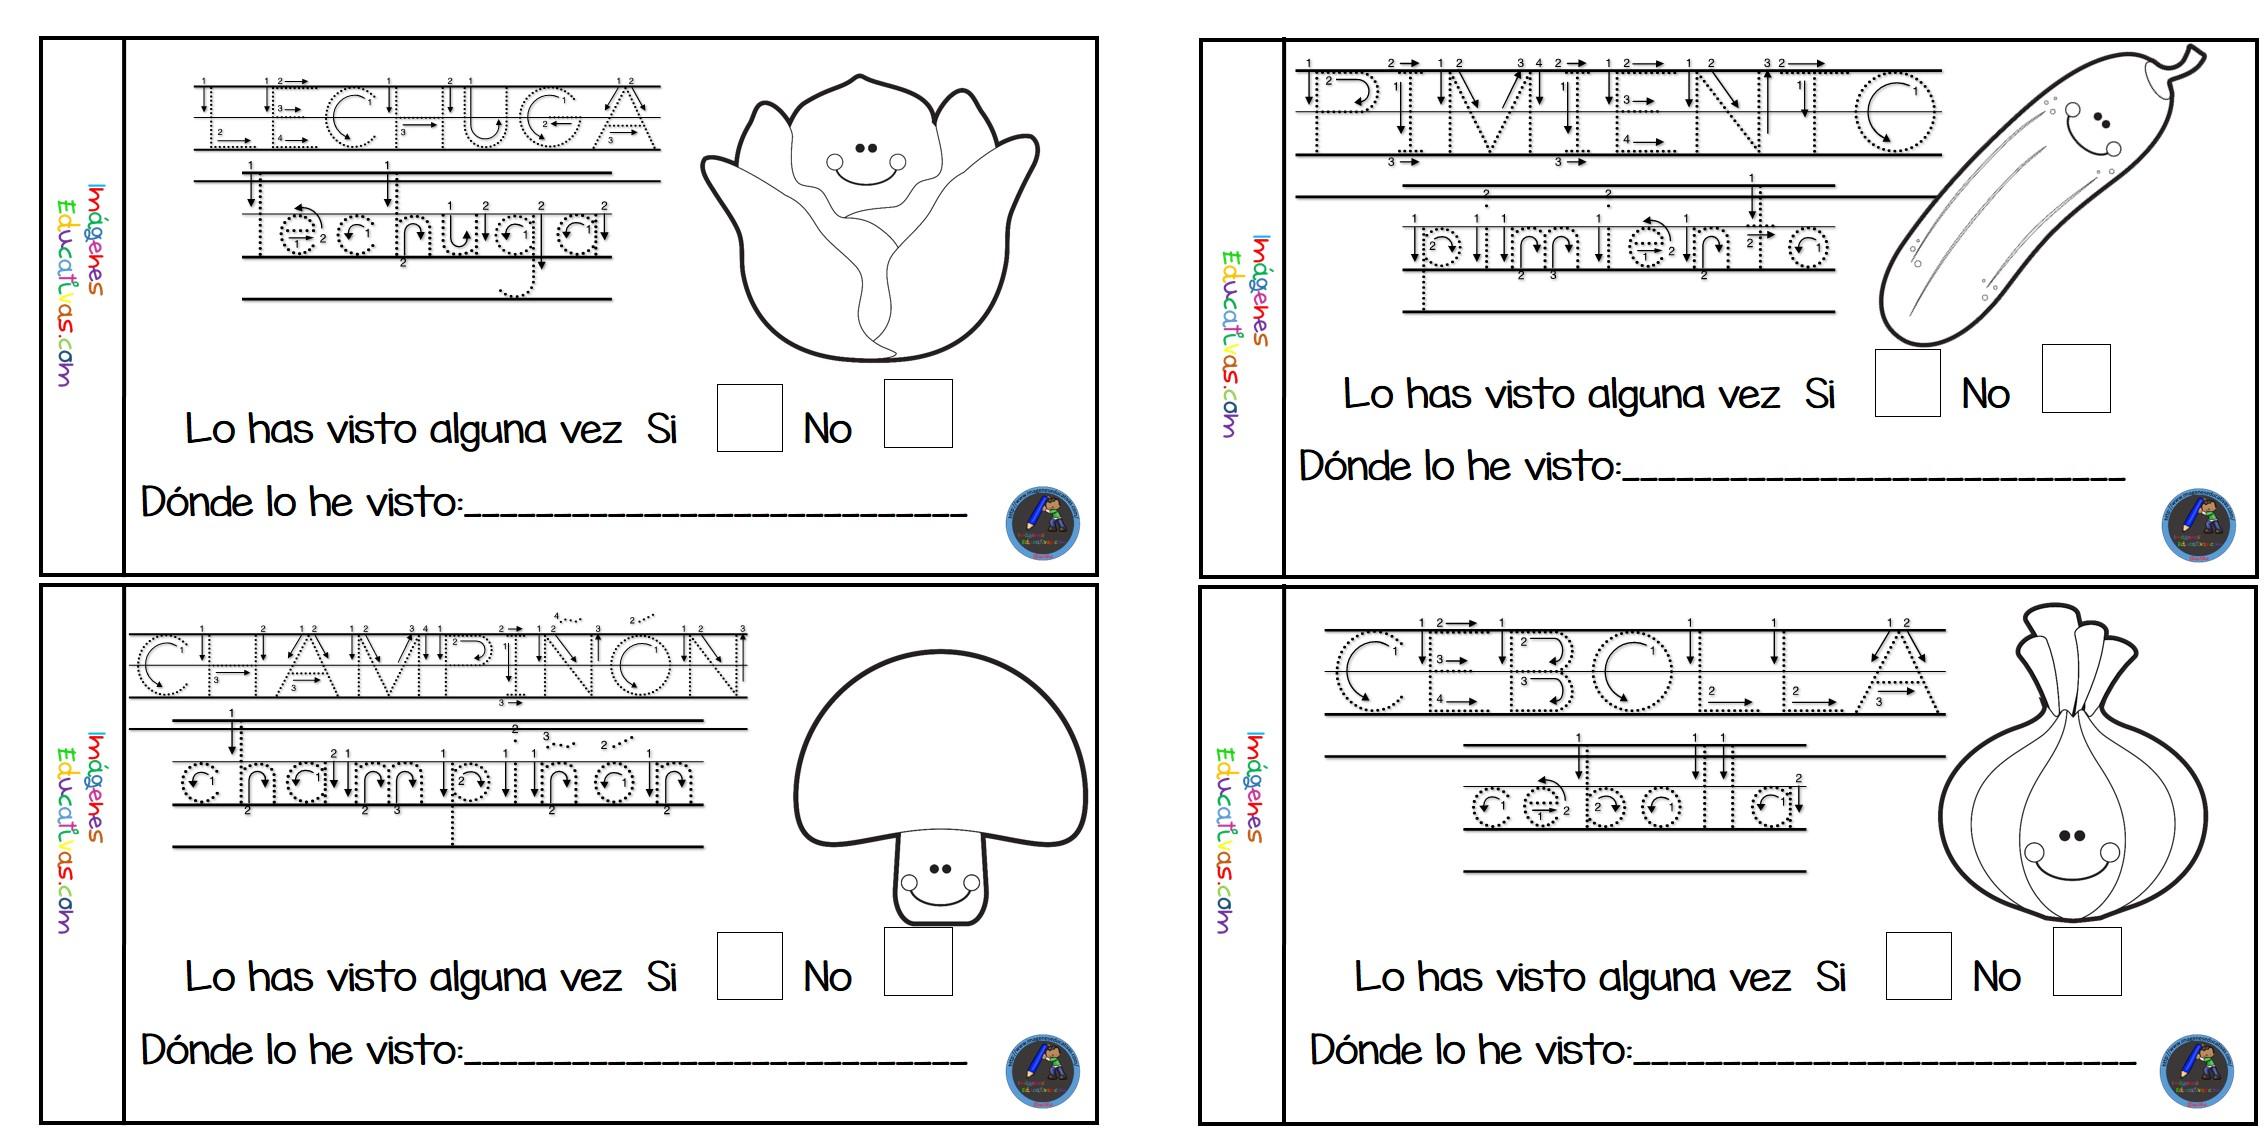 Libreta Para Niños Con 25 Dibujos Para Colorear: Mi Cuaderno Para Colorear Frutas Y Verduras (5)